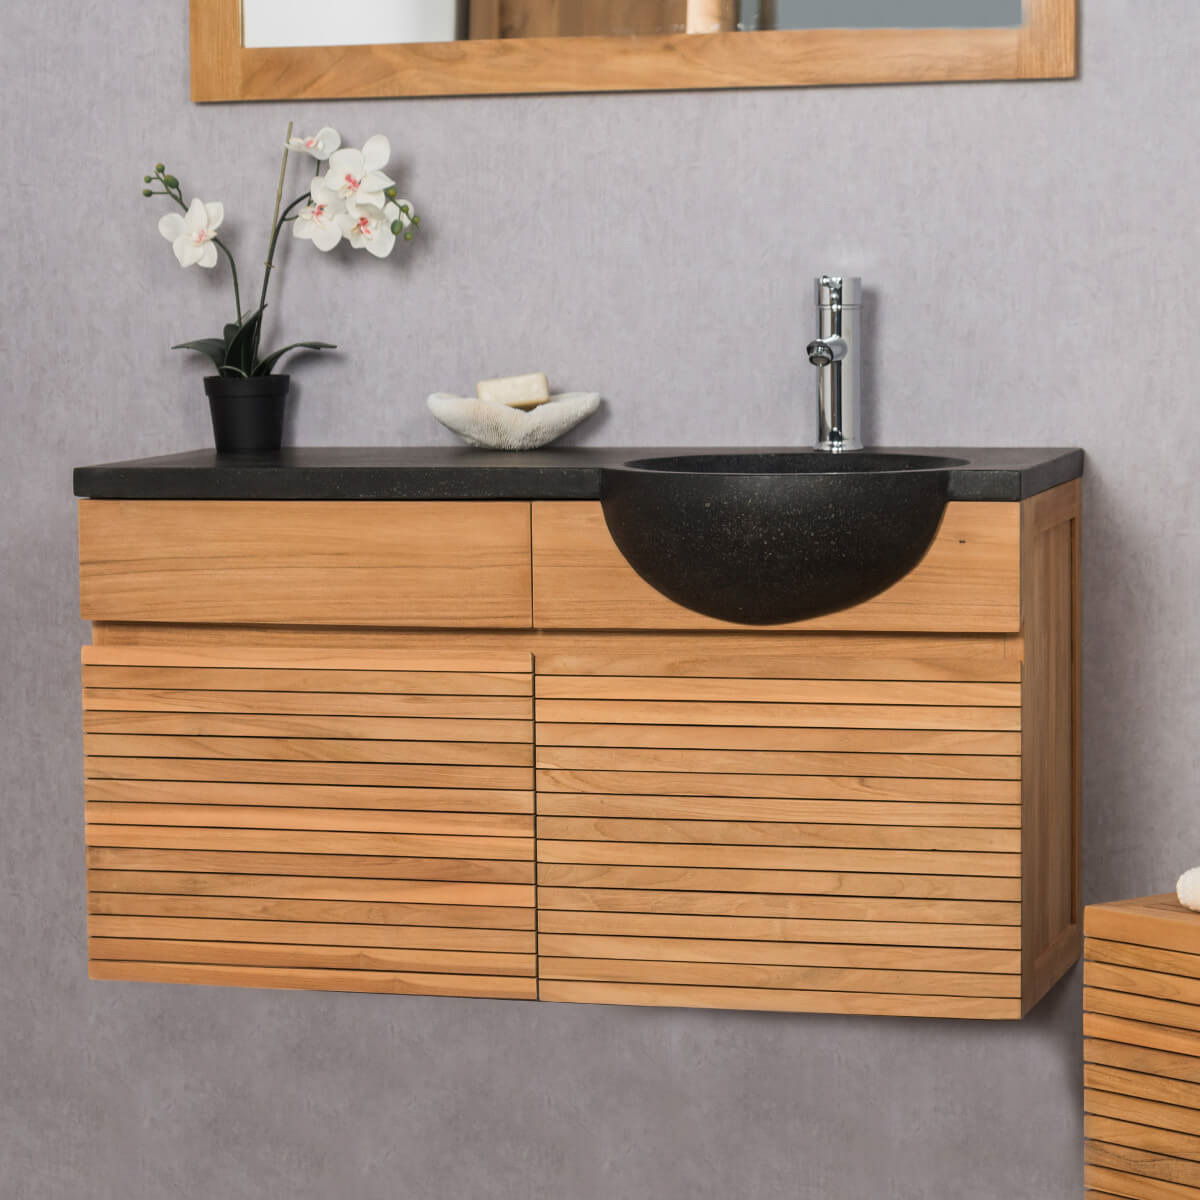 ori meuble salle de bain suspendu avec vasque teck 100 contemporain noir 2978 Résultat Supérieur 15 Superbe Vasque Salle De Bain Noir Stock 2017 Xzw1